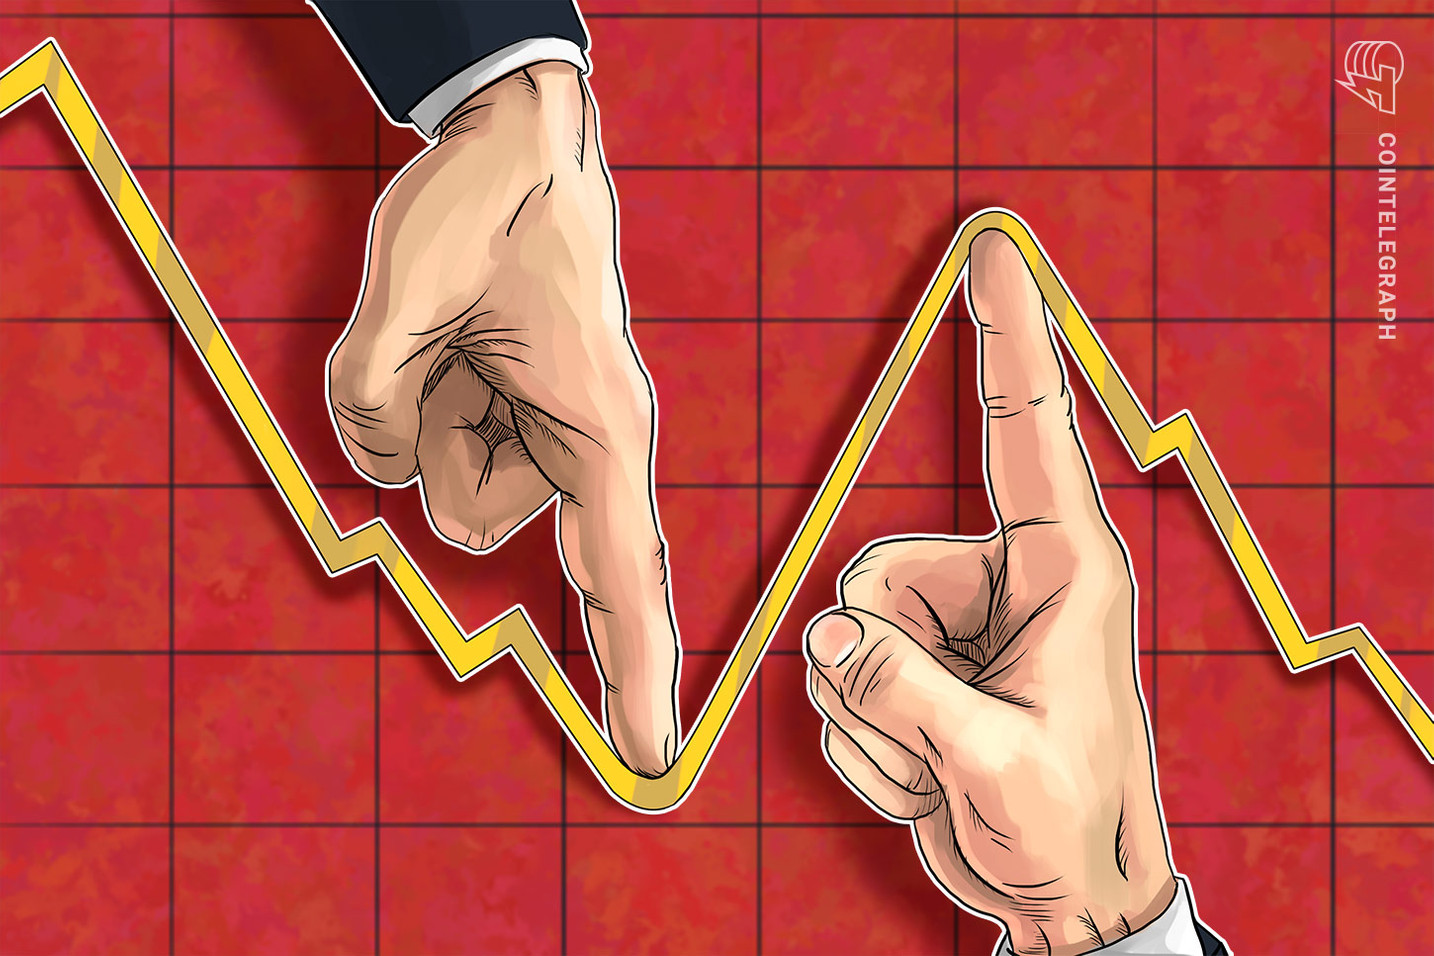 El Bitcoin cae por debajo de los USD 10,400 mientras las altcoins presentan pérdidas de dos dígitos